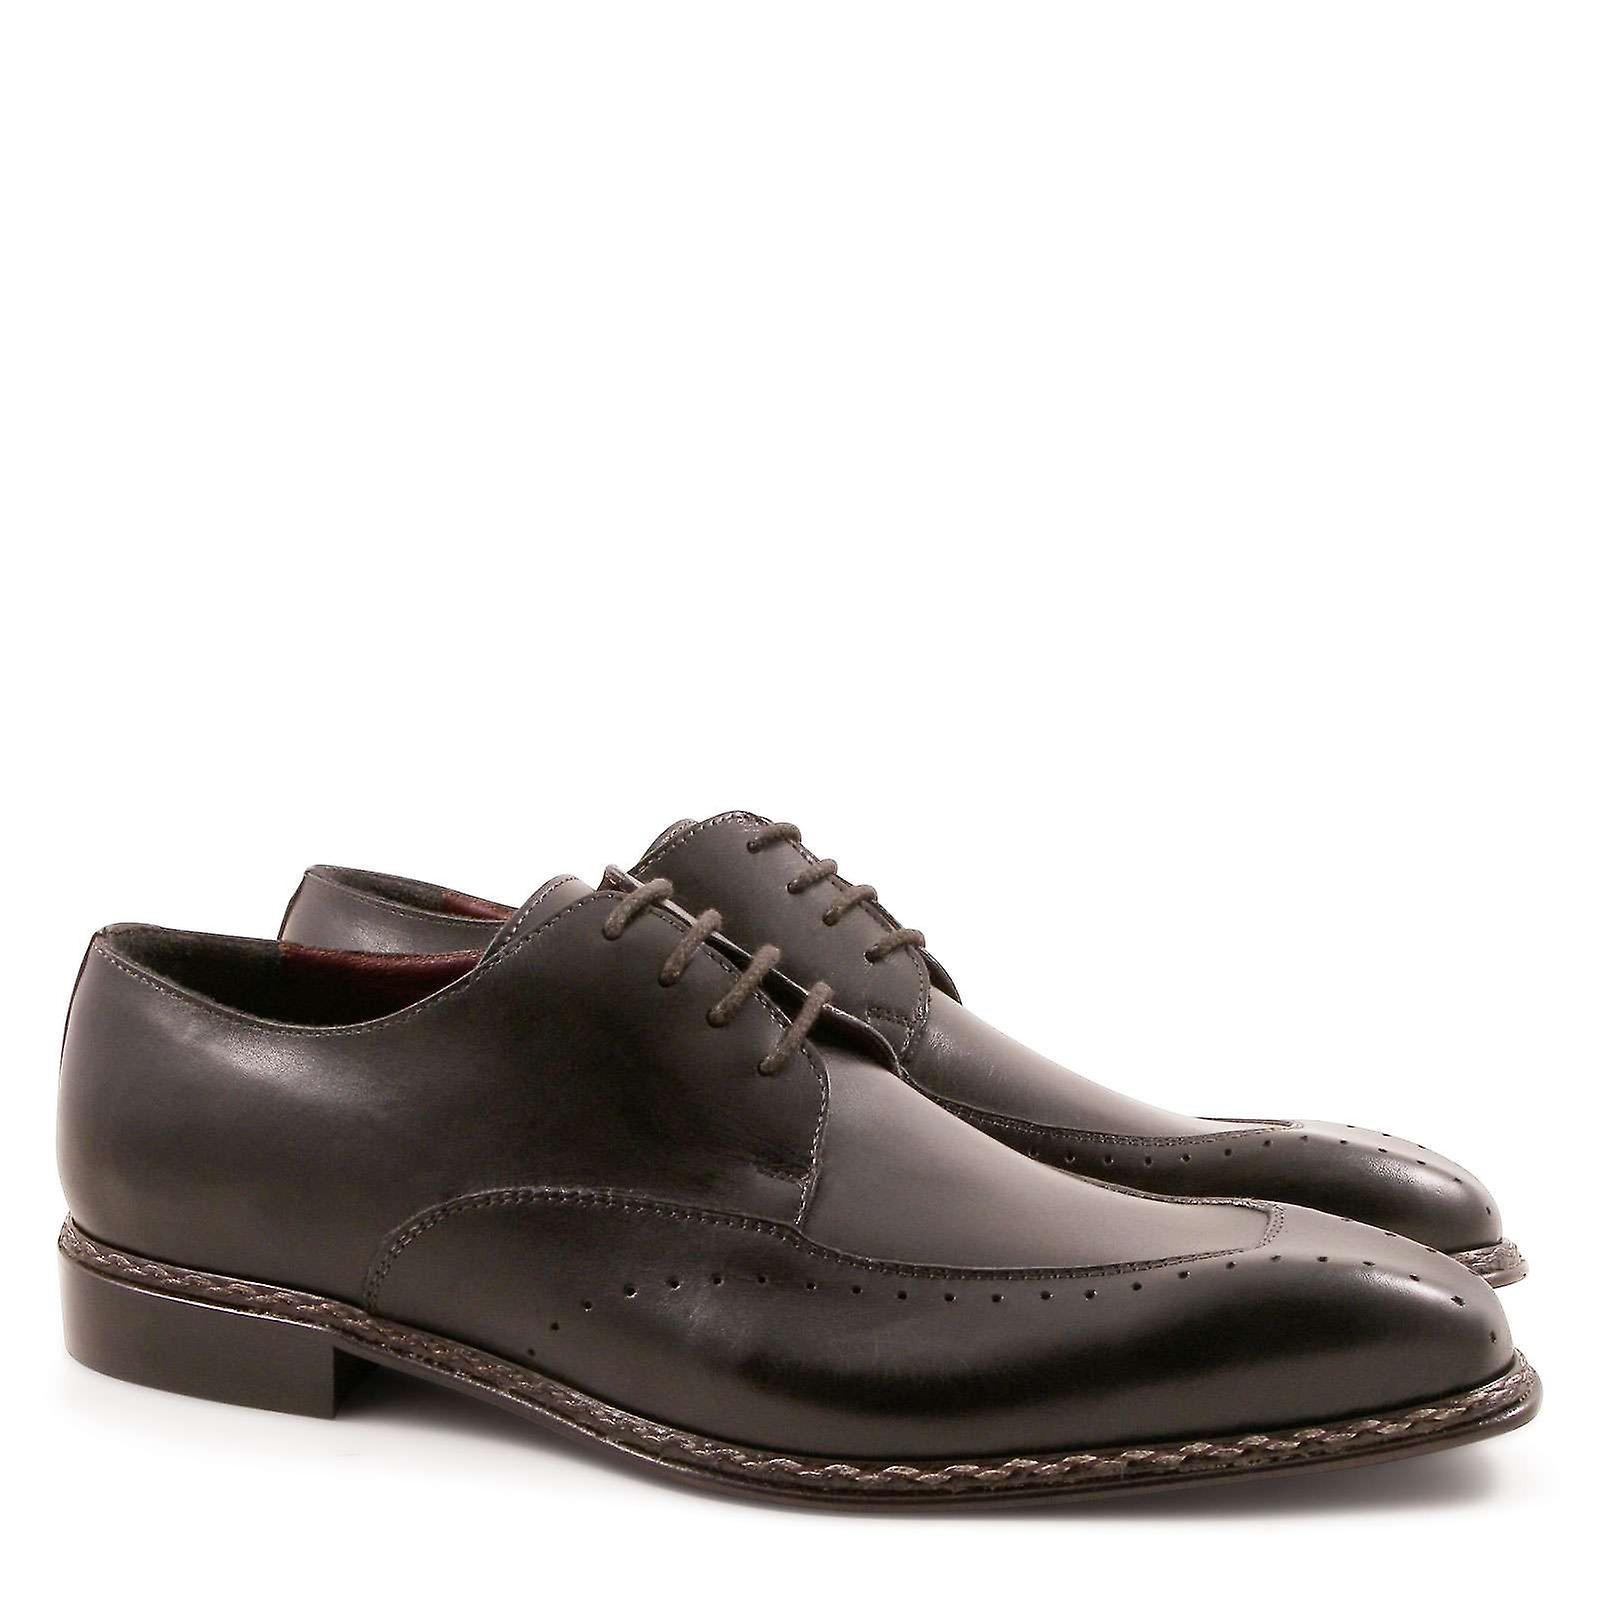 Italiano Abito scarpe in pelle nera fatta a mano | Reputazione a lungo termine  | Uomo/Donna Scarpa